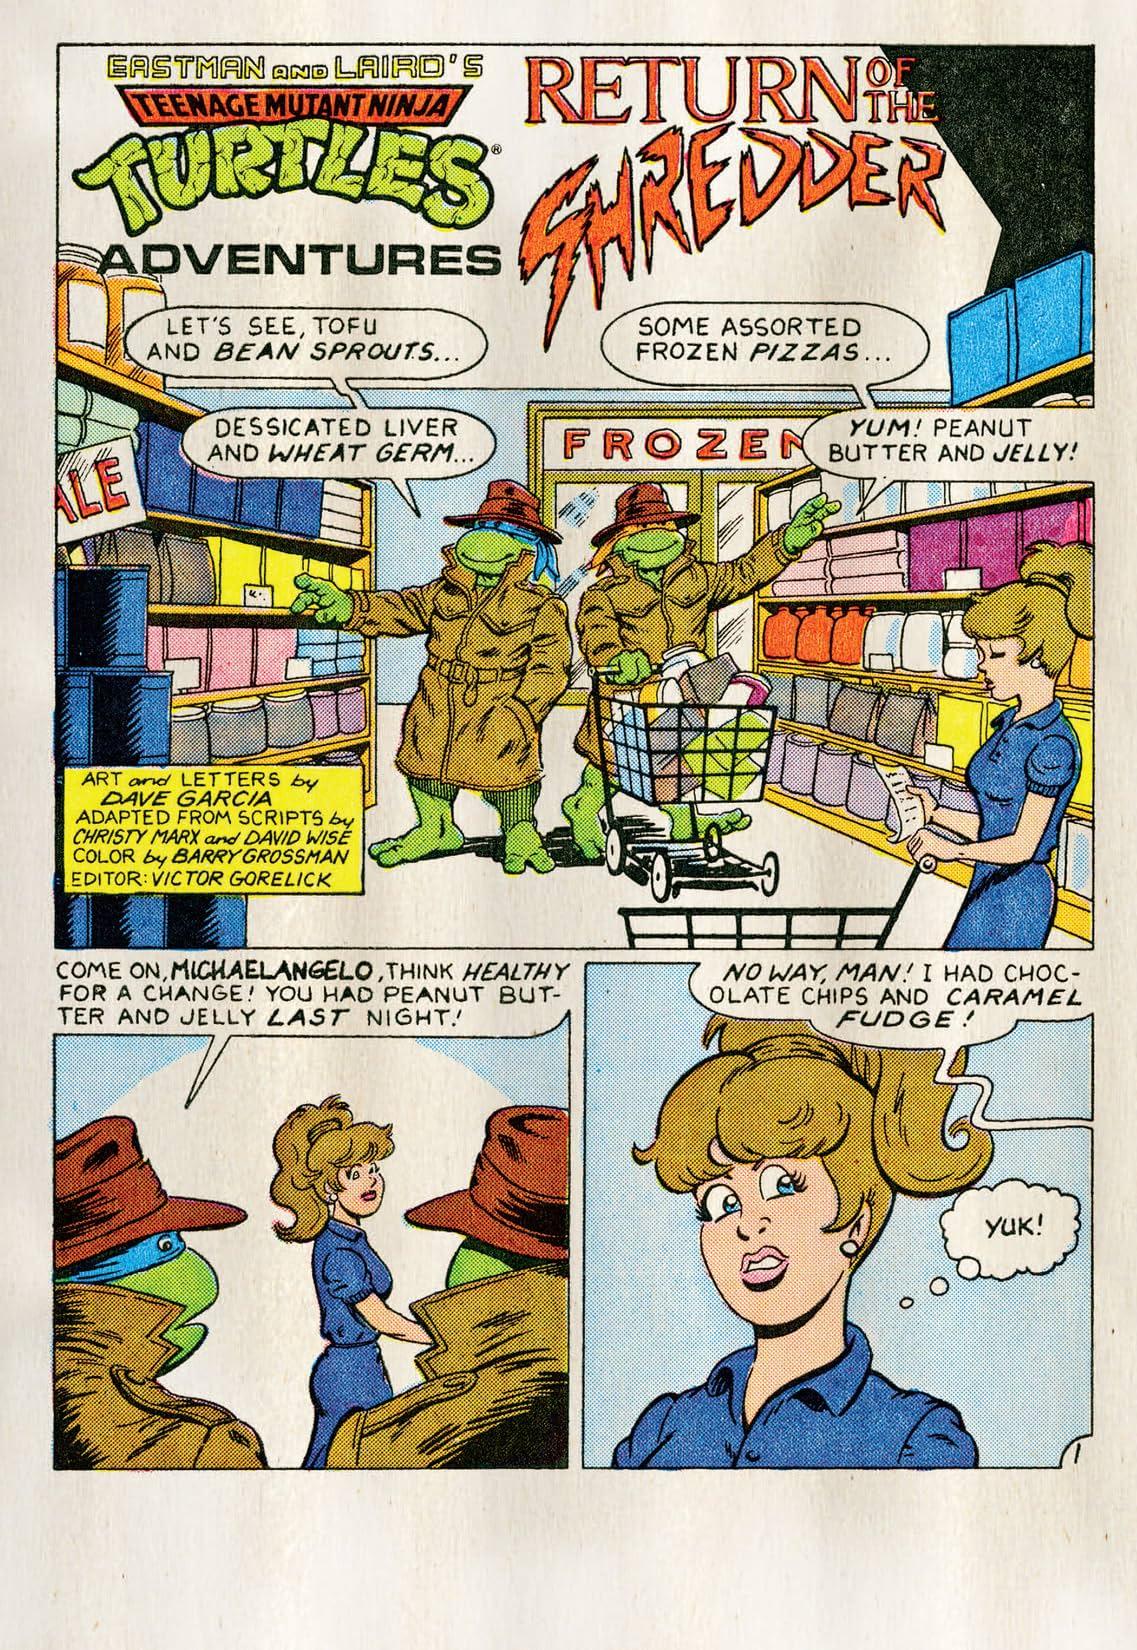 Teenage Mutant Ninja Turtles Adventures Vol. 1